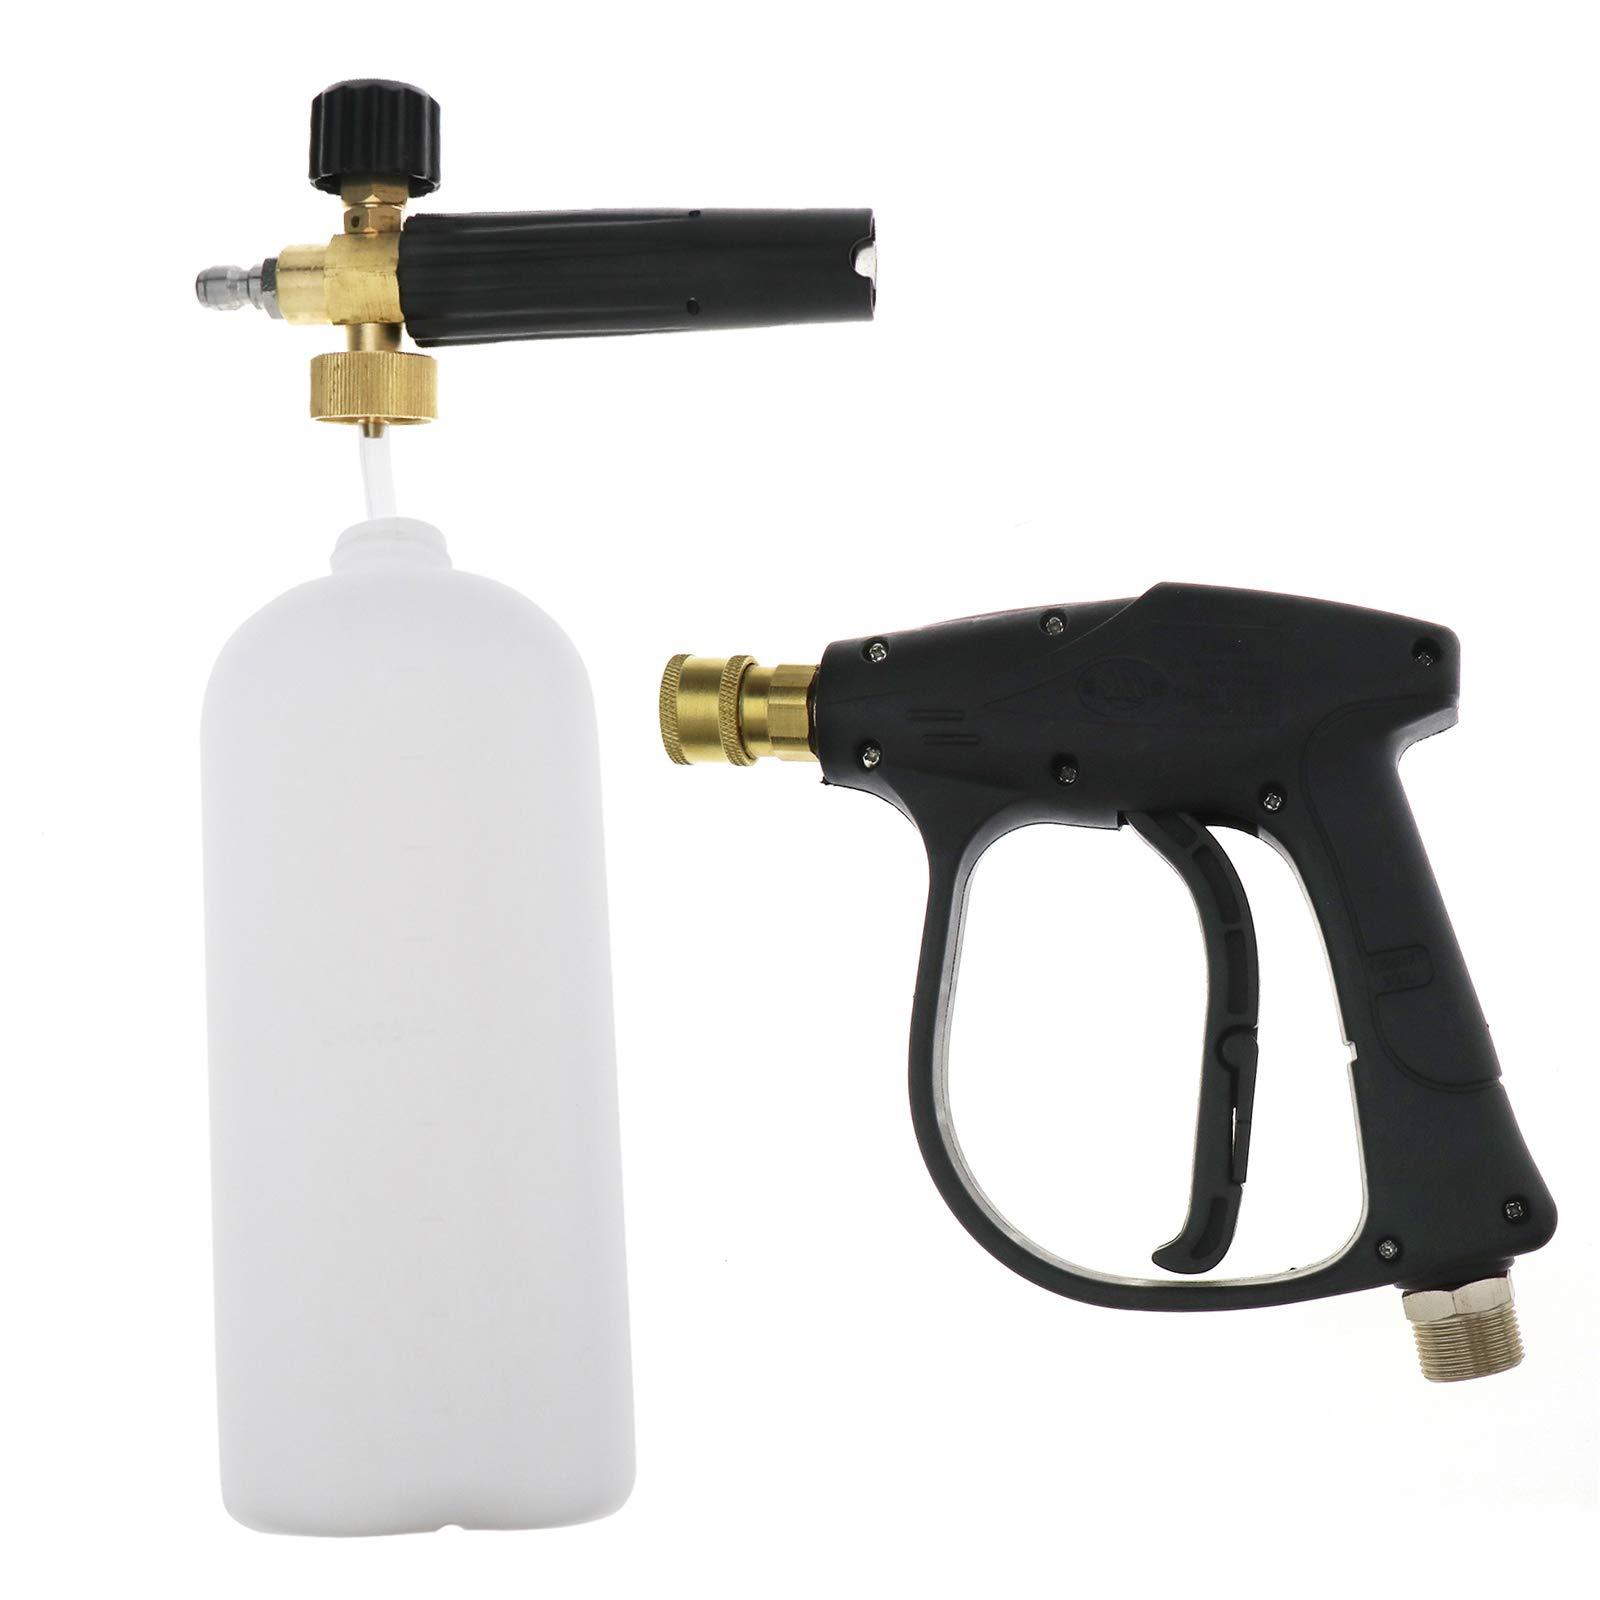 ENET-Schneeschaumkanone-verstellbar-Hochdruckreiniger-Schaumreiniger-1-l-Flasche-Autowsche-Schneeschaum-Lanze-mit-06-cm-Schnellanschluss